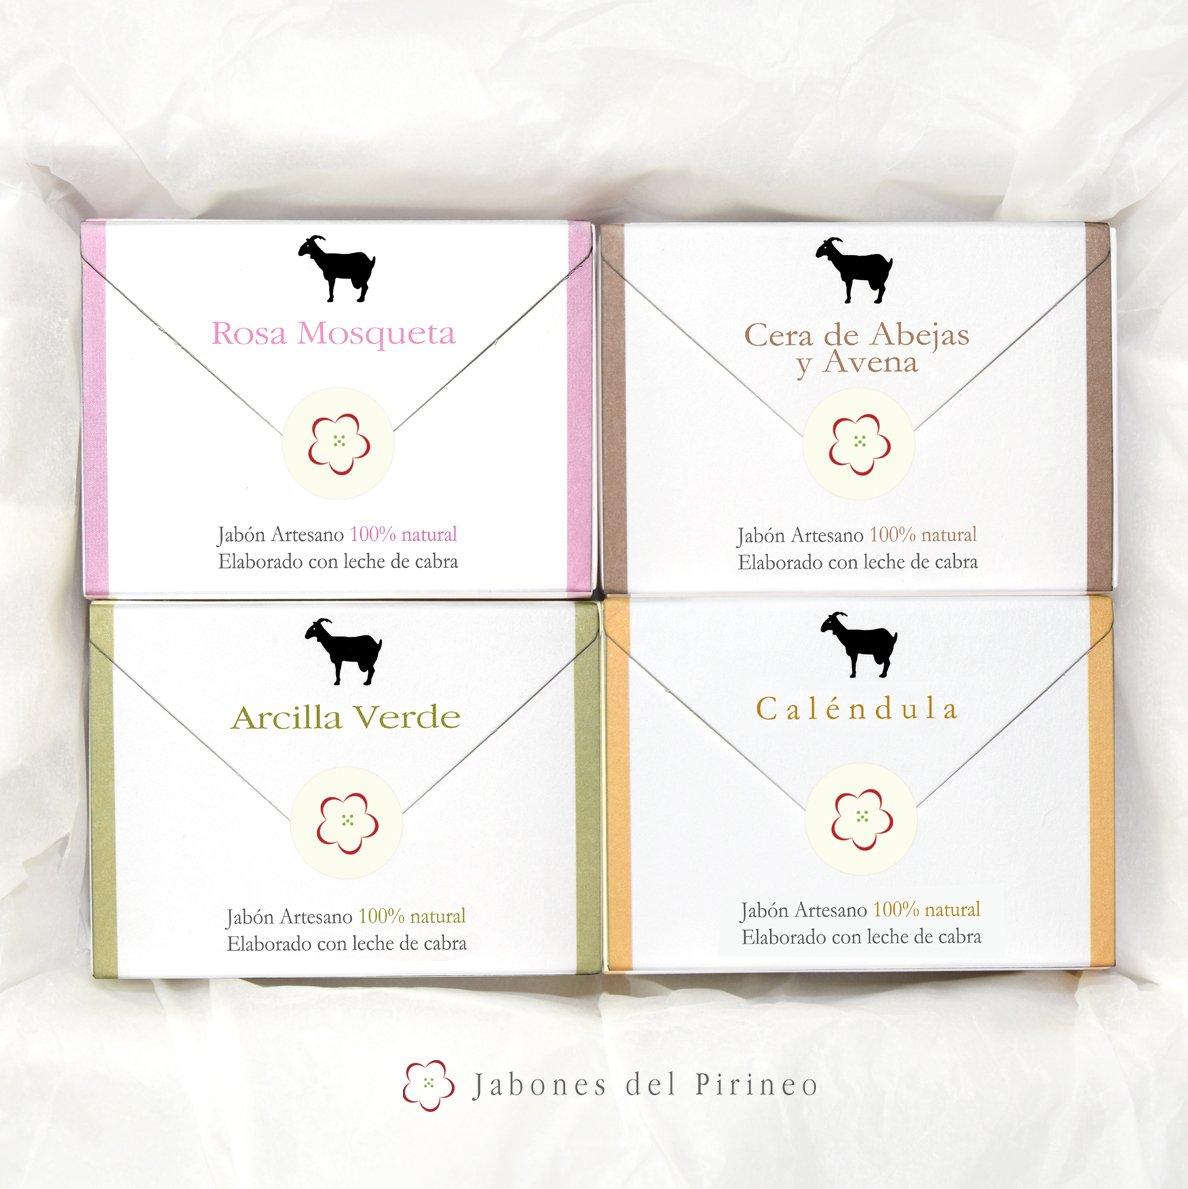 Jabones del Pirineo - Pack de Jabones de Leche de Cabra 100% Naturales, 4 Tipos, con Arcilla Verde, Con Rosa Mosqueta, con Caléndula y con Cera de Abejas y ...